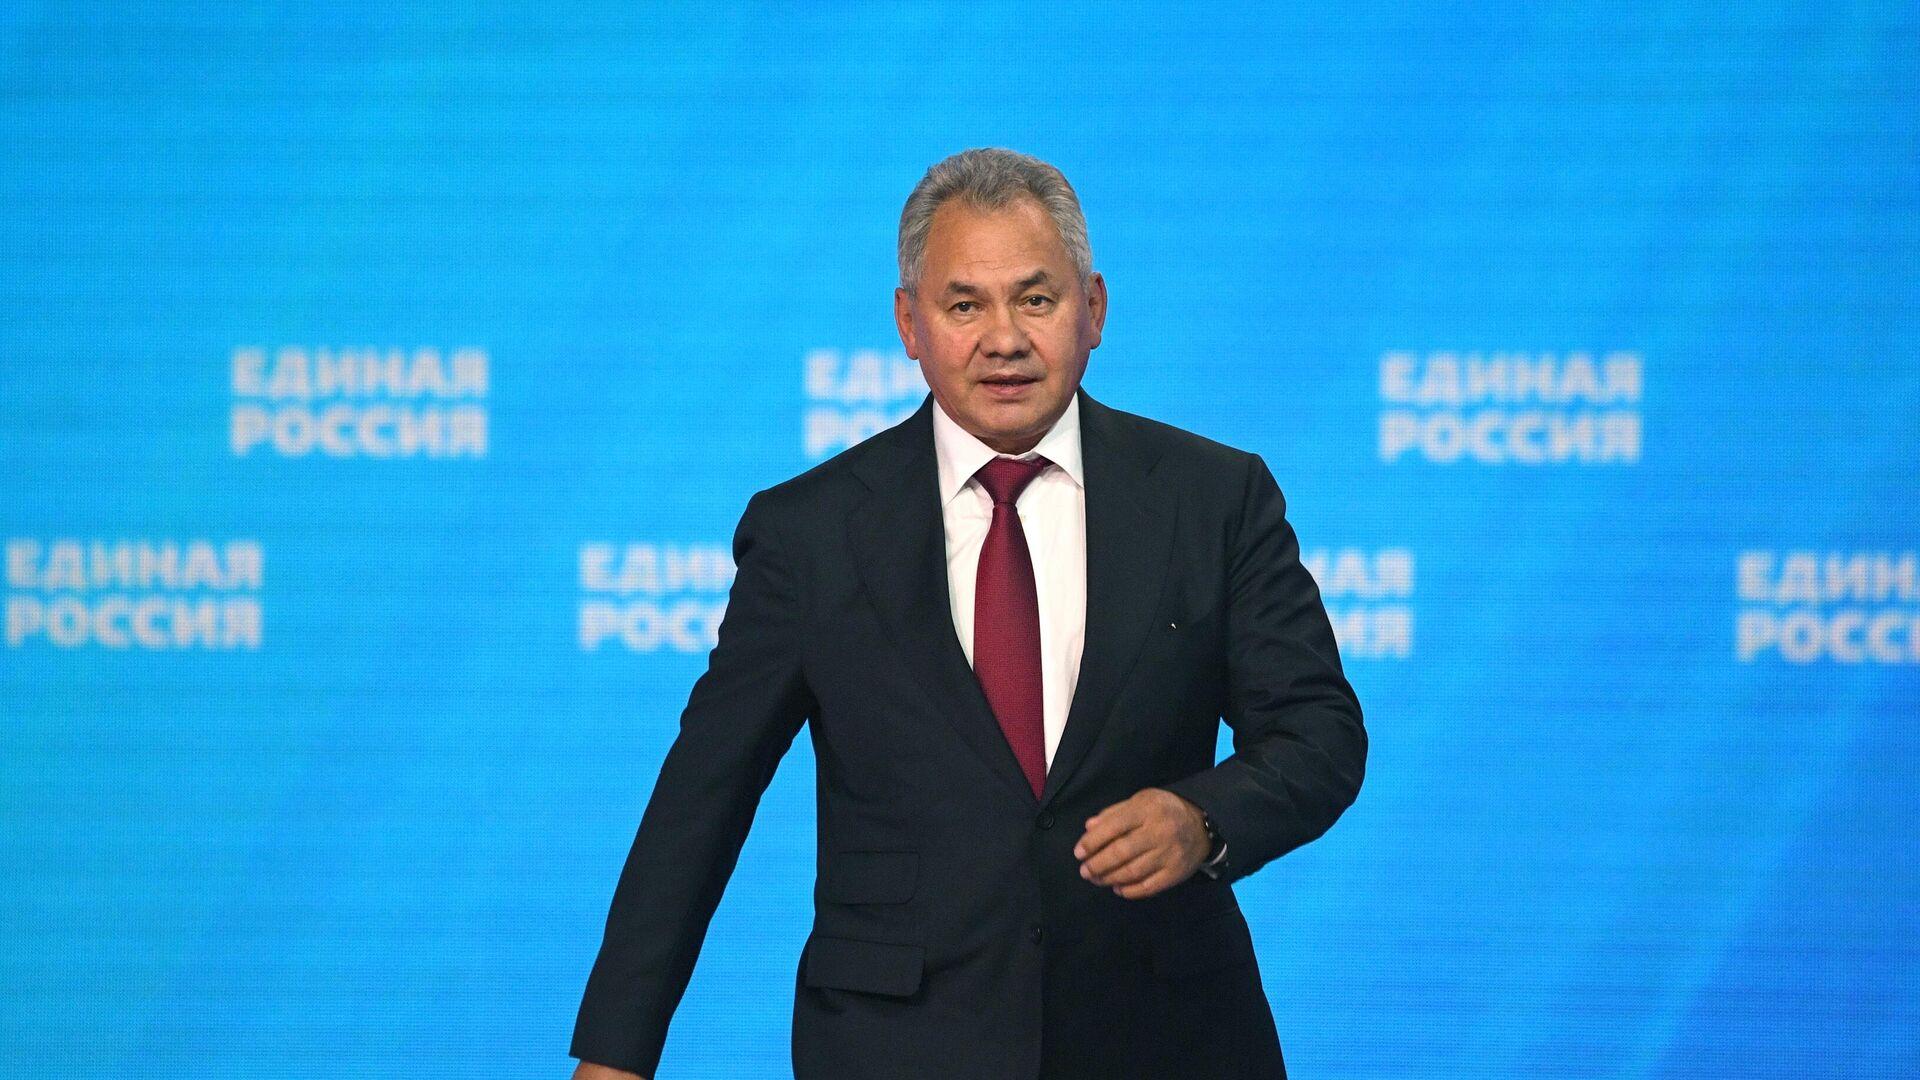 Шойгу заявил, что не видит угрозы для России со стороны Украины